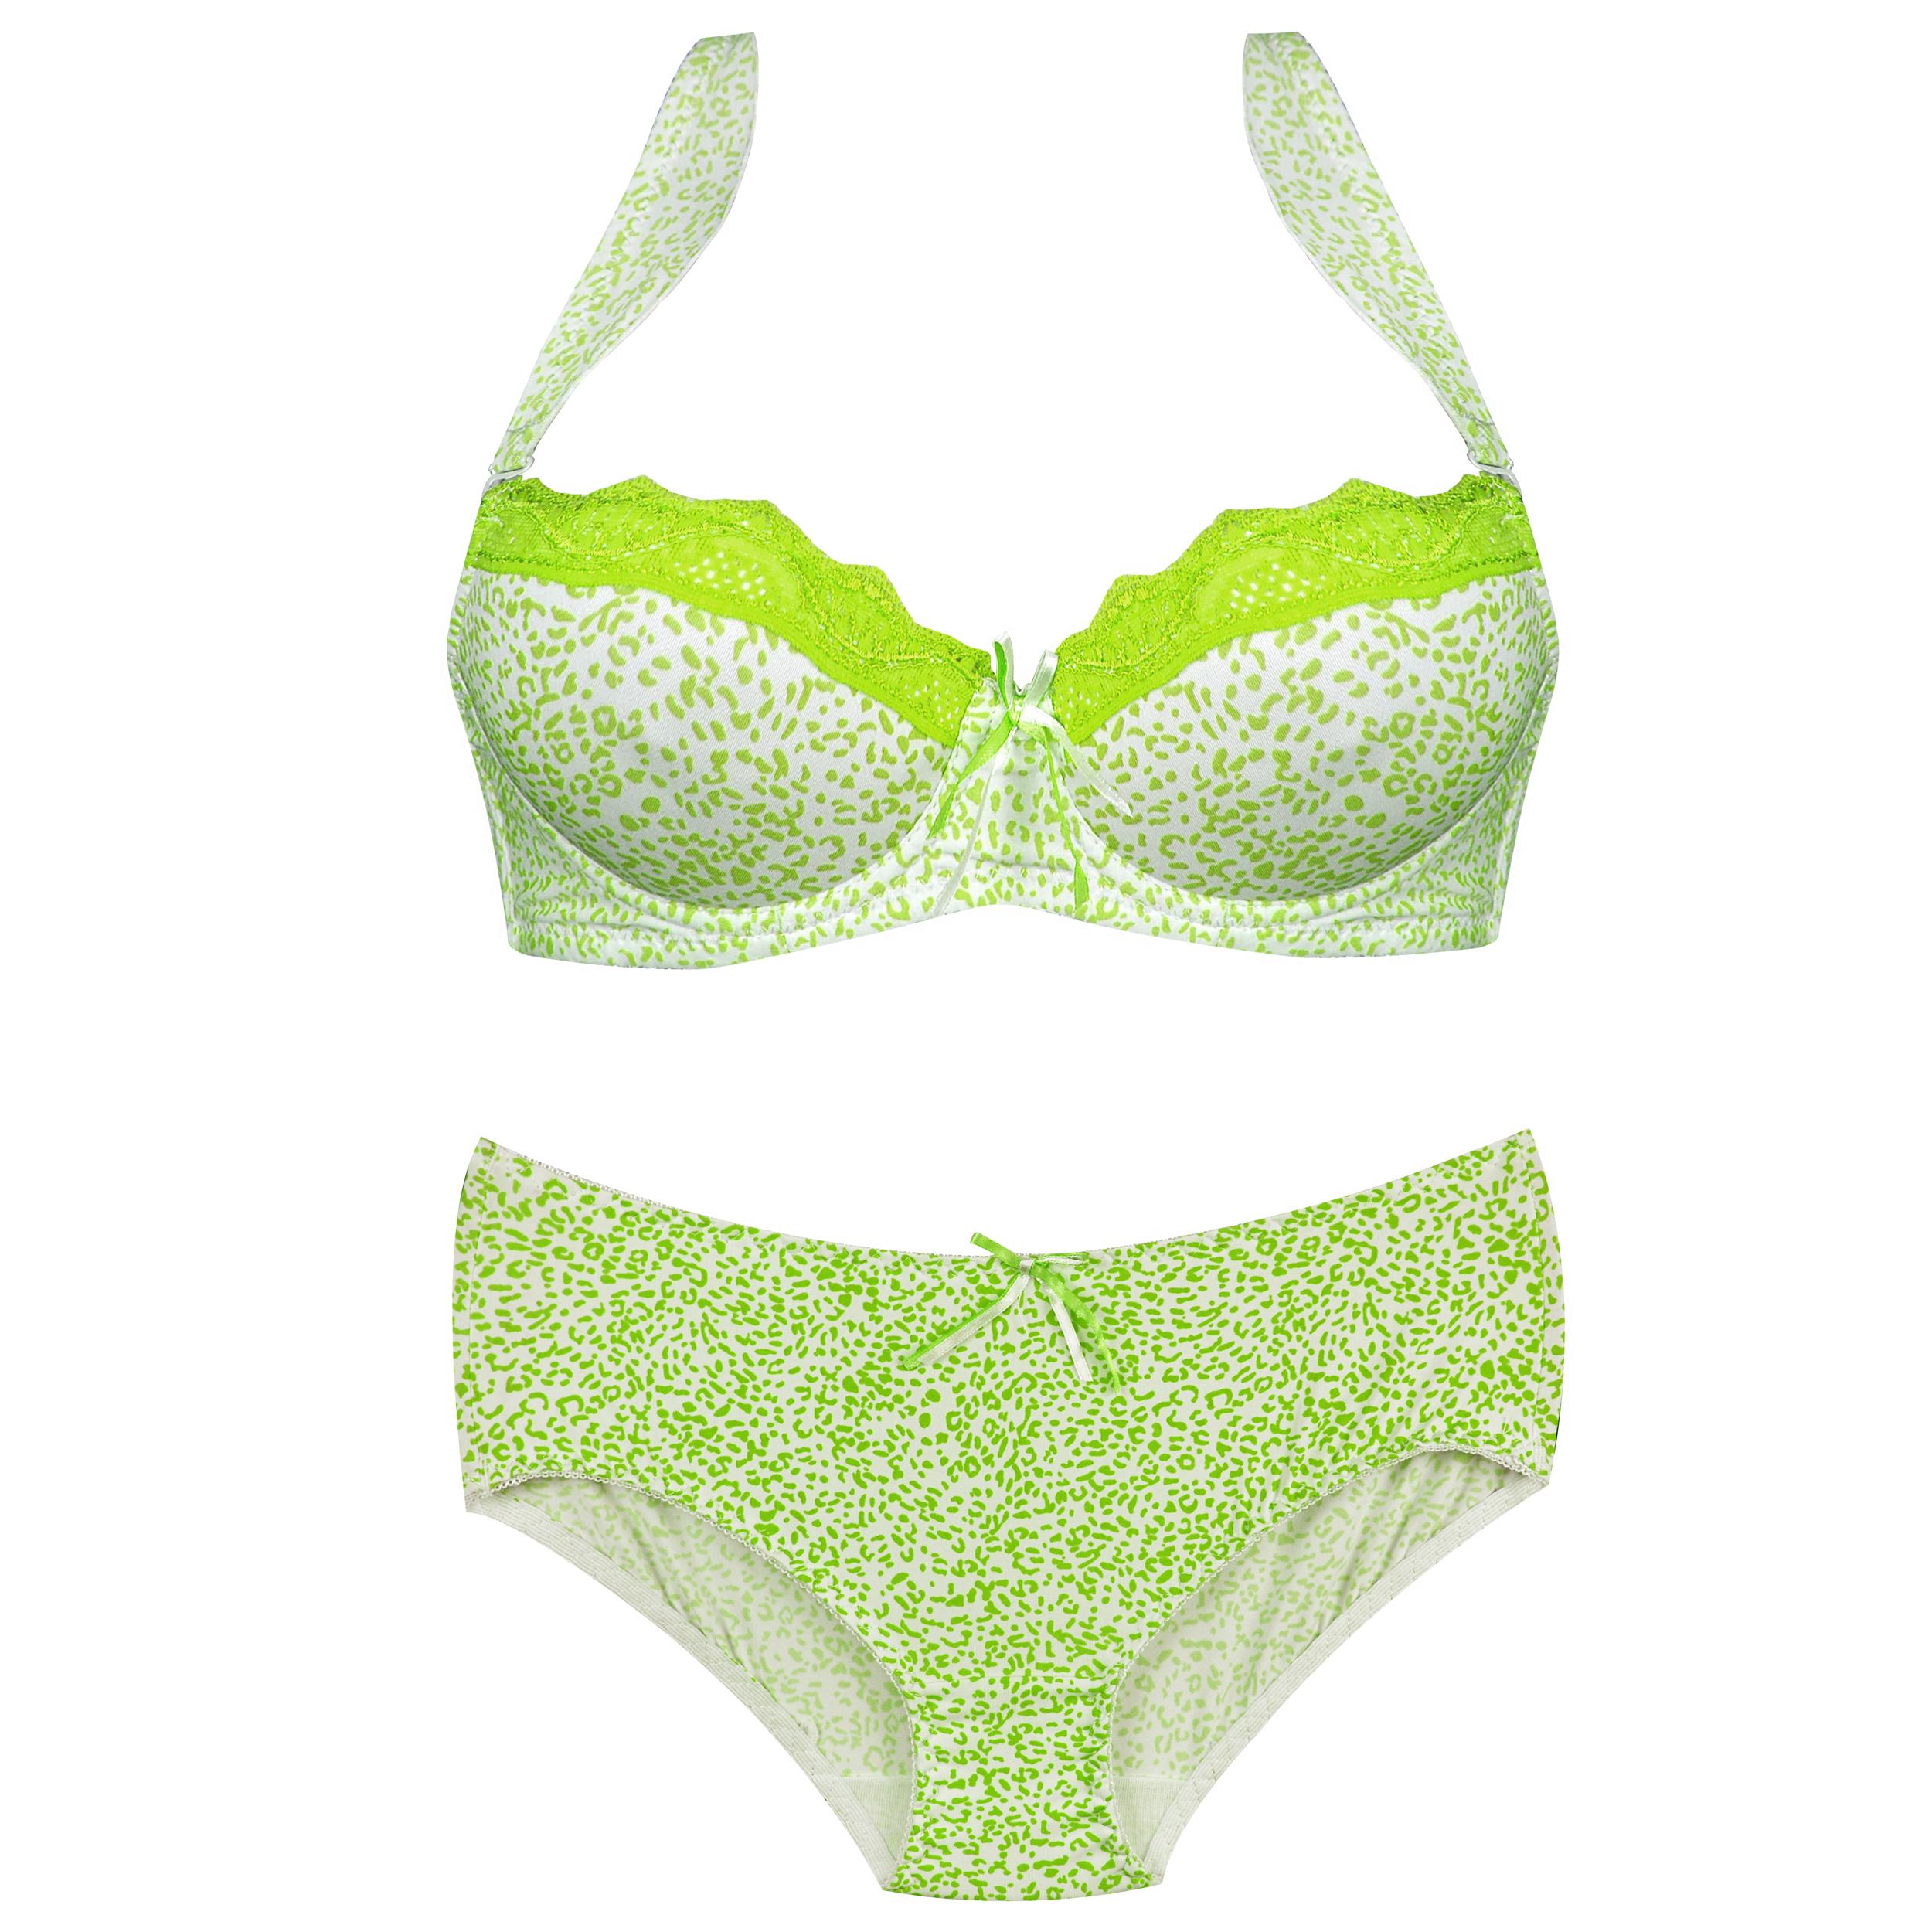 ست شورت و سوتین دخترانه کد 3139-2 رنگ سبز